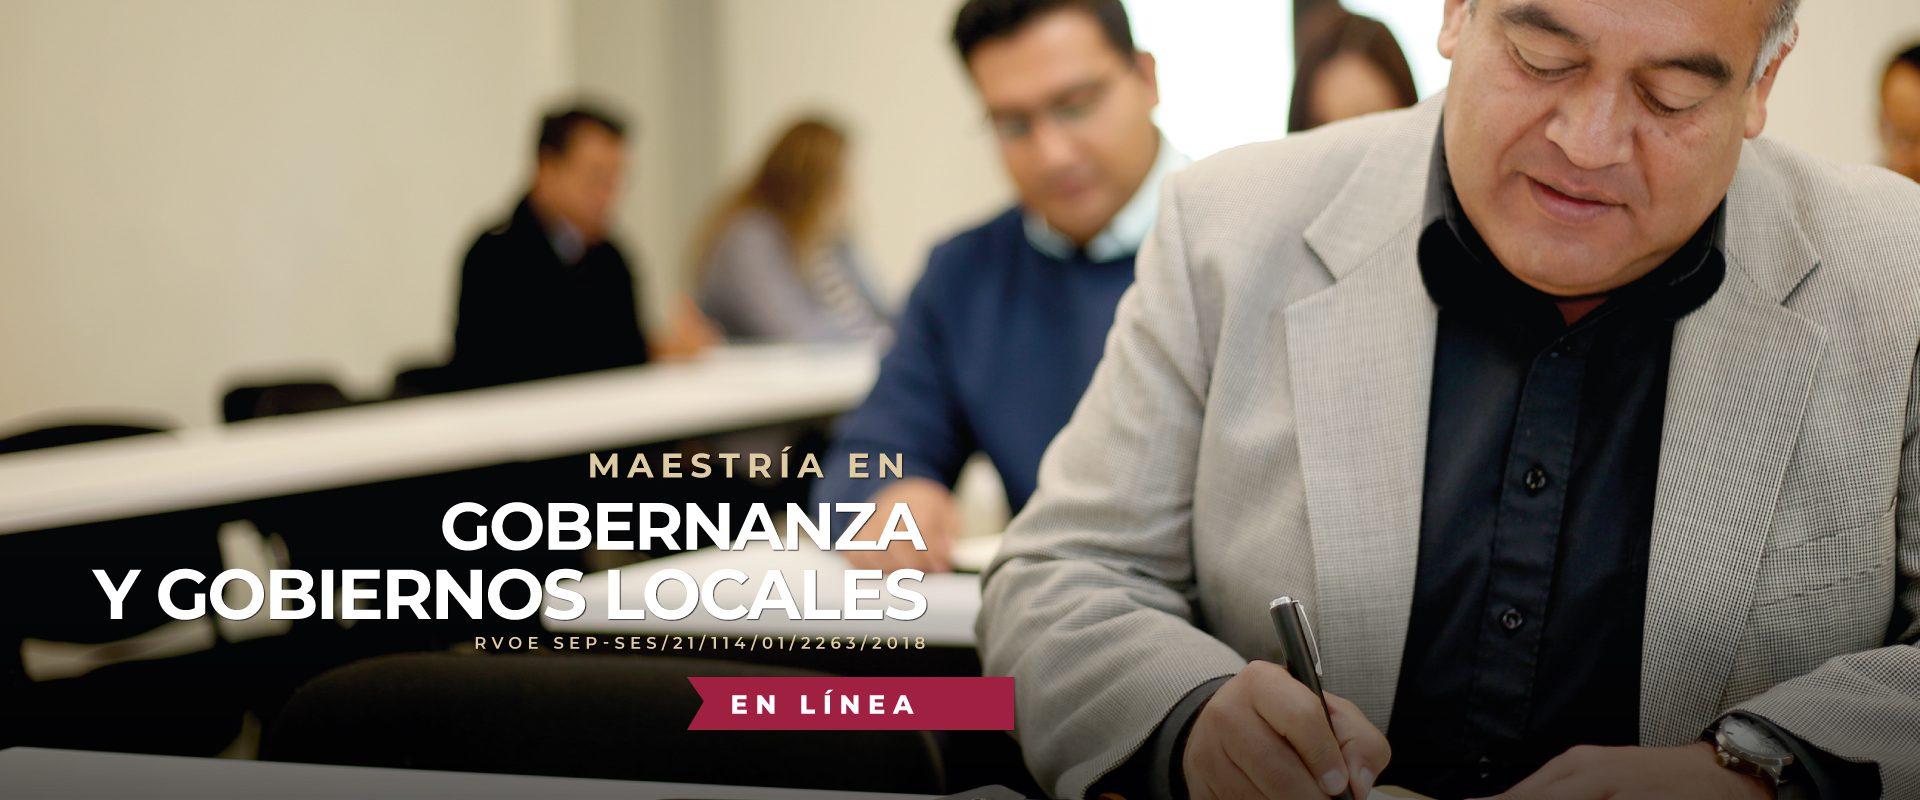 Maestría en Gobernanza y Gobiernos Locales